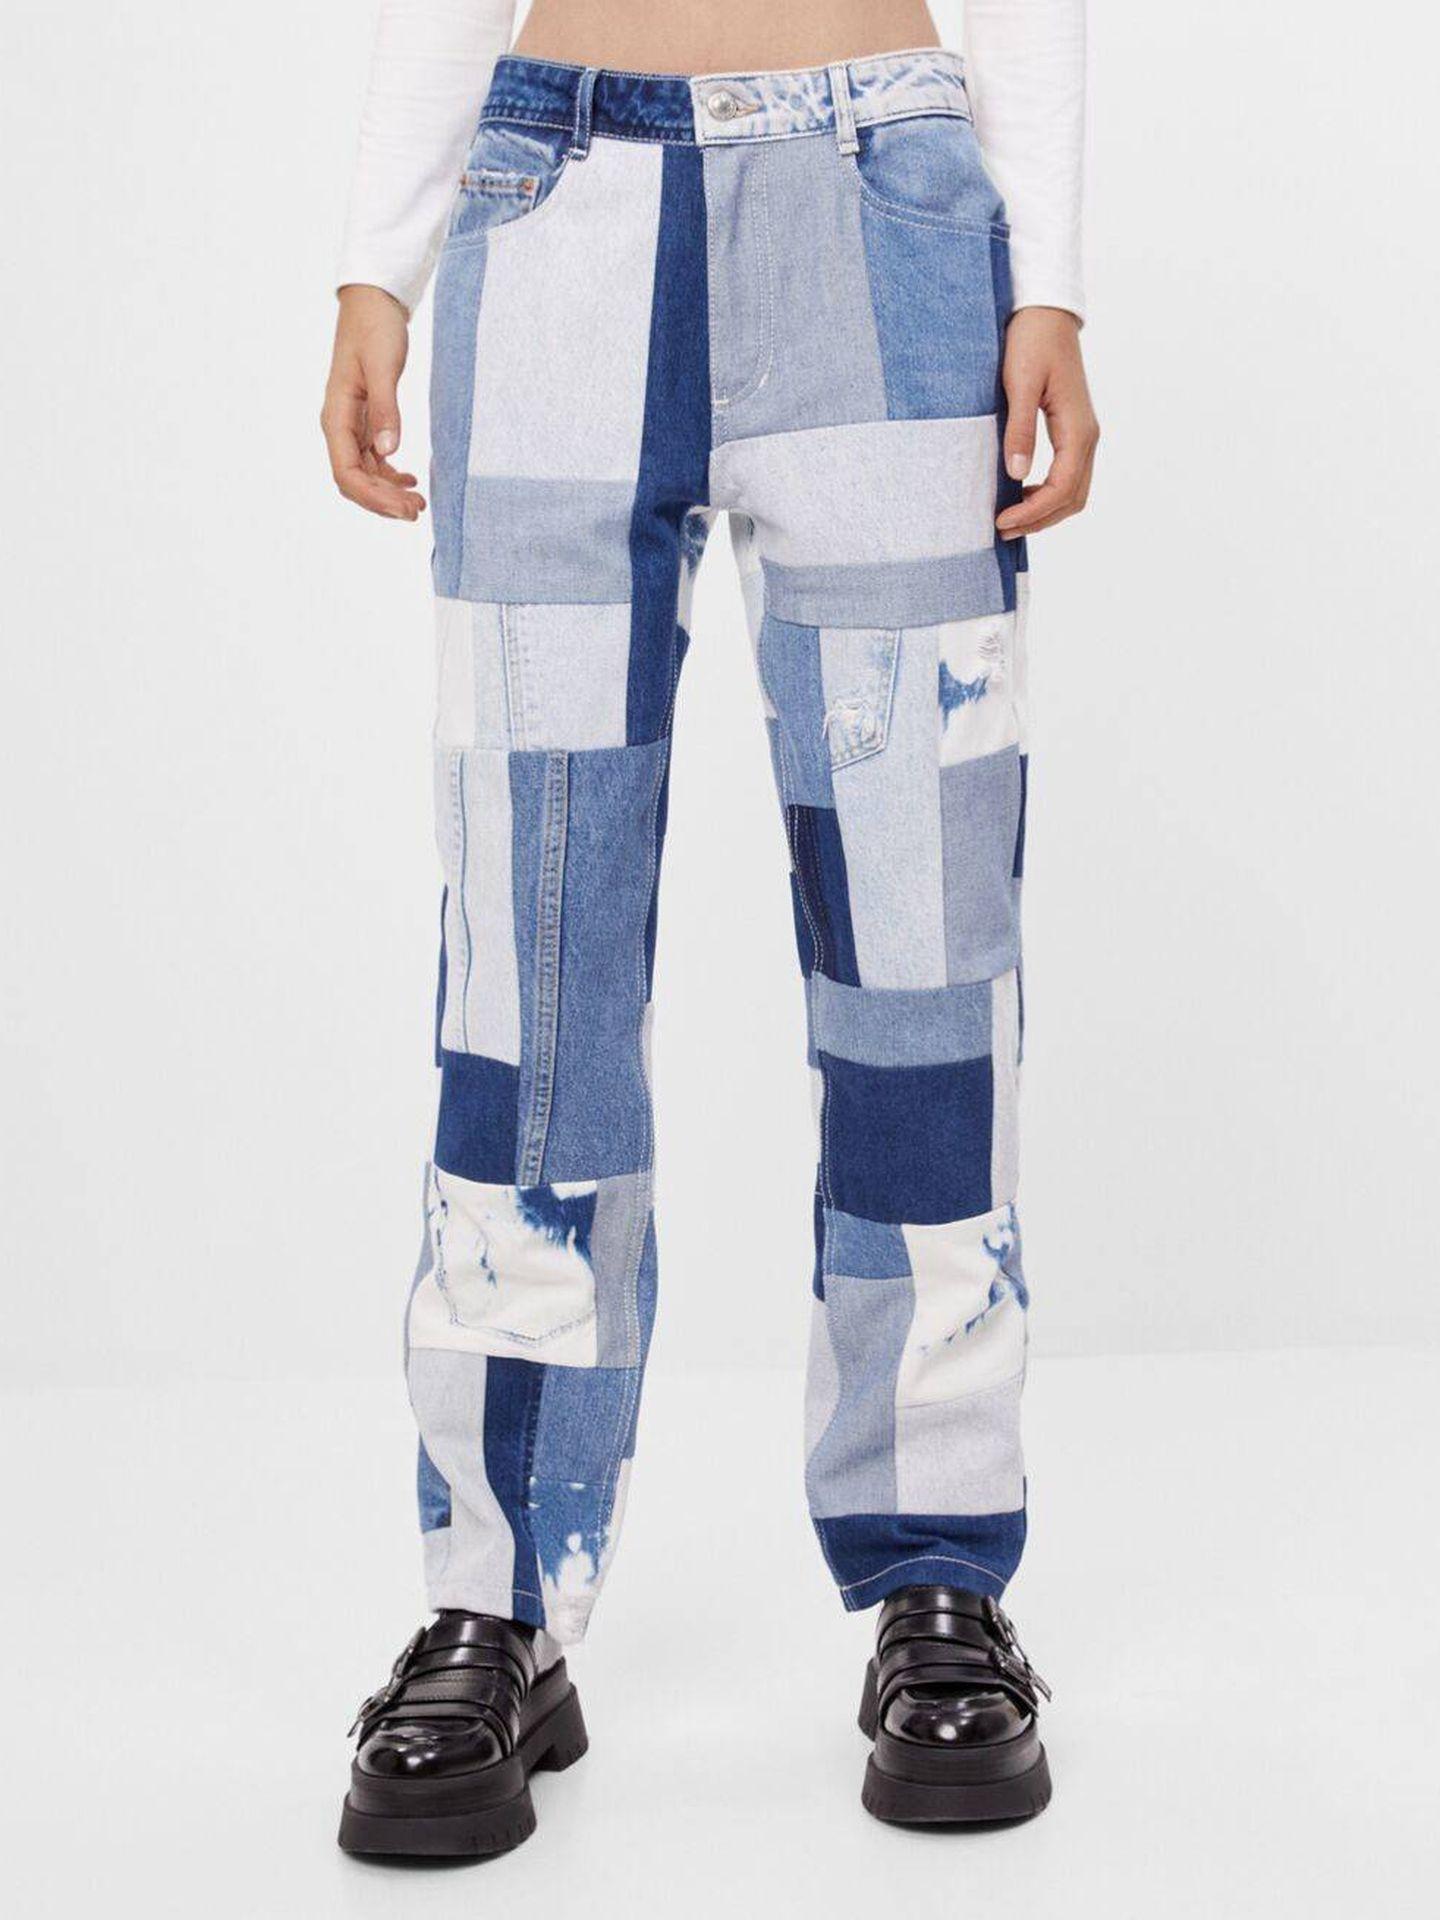 Los pantalones de Bershka. (Cortesía)